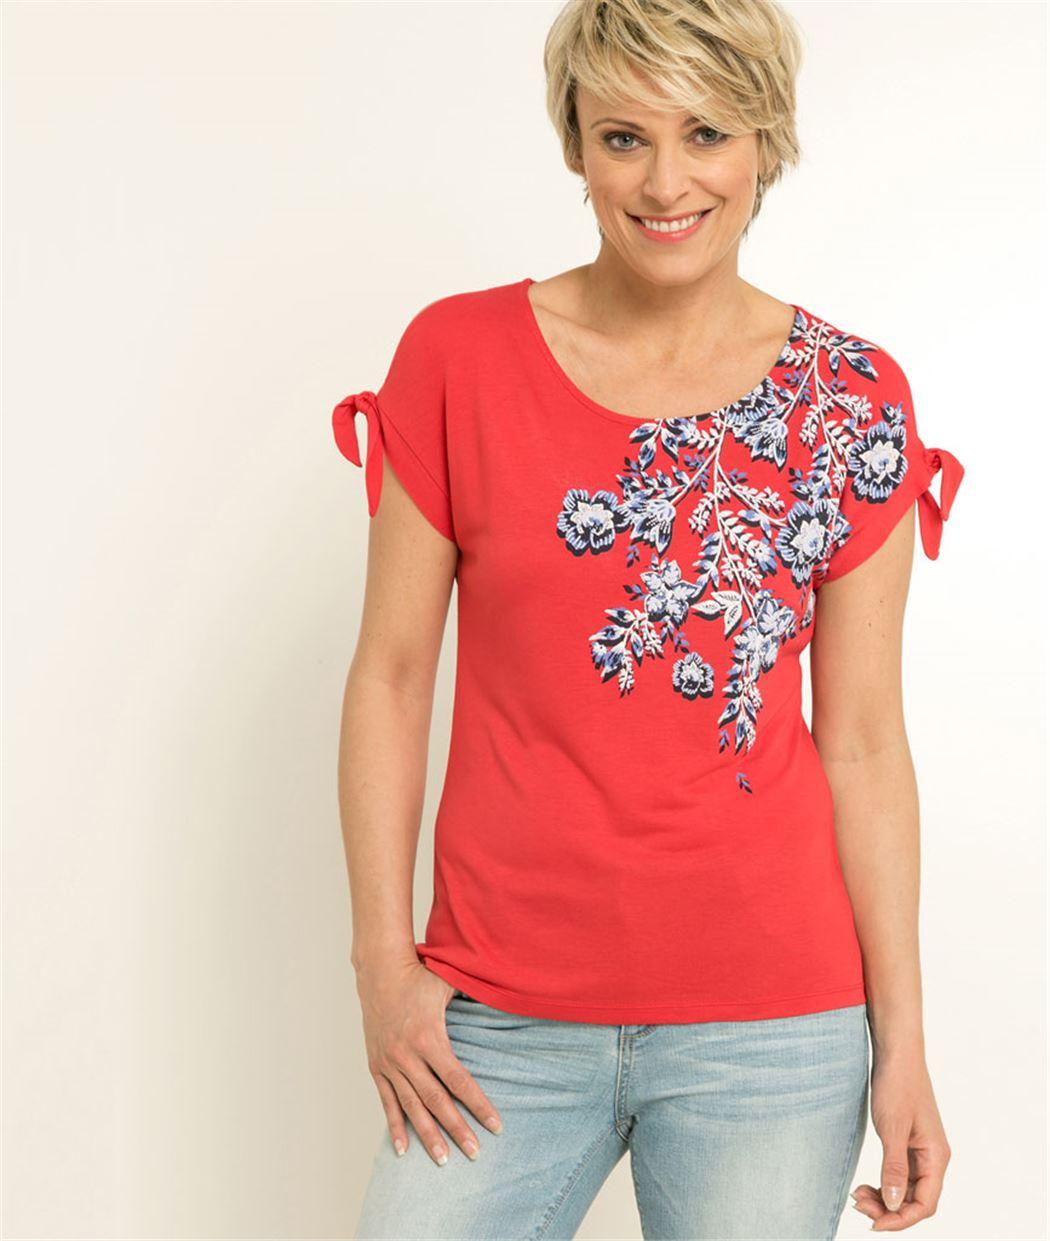 T-shirt femme imprimé motif floral ROUGE